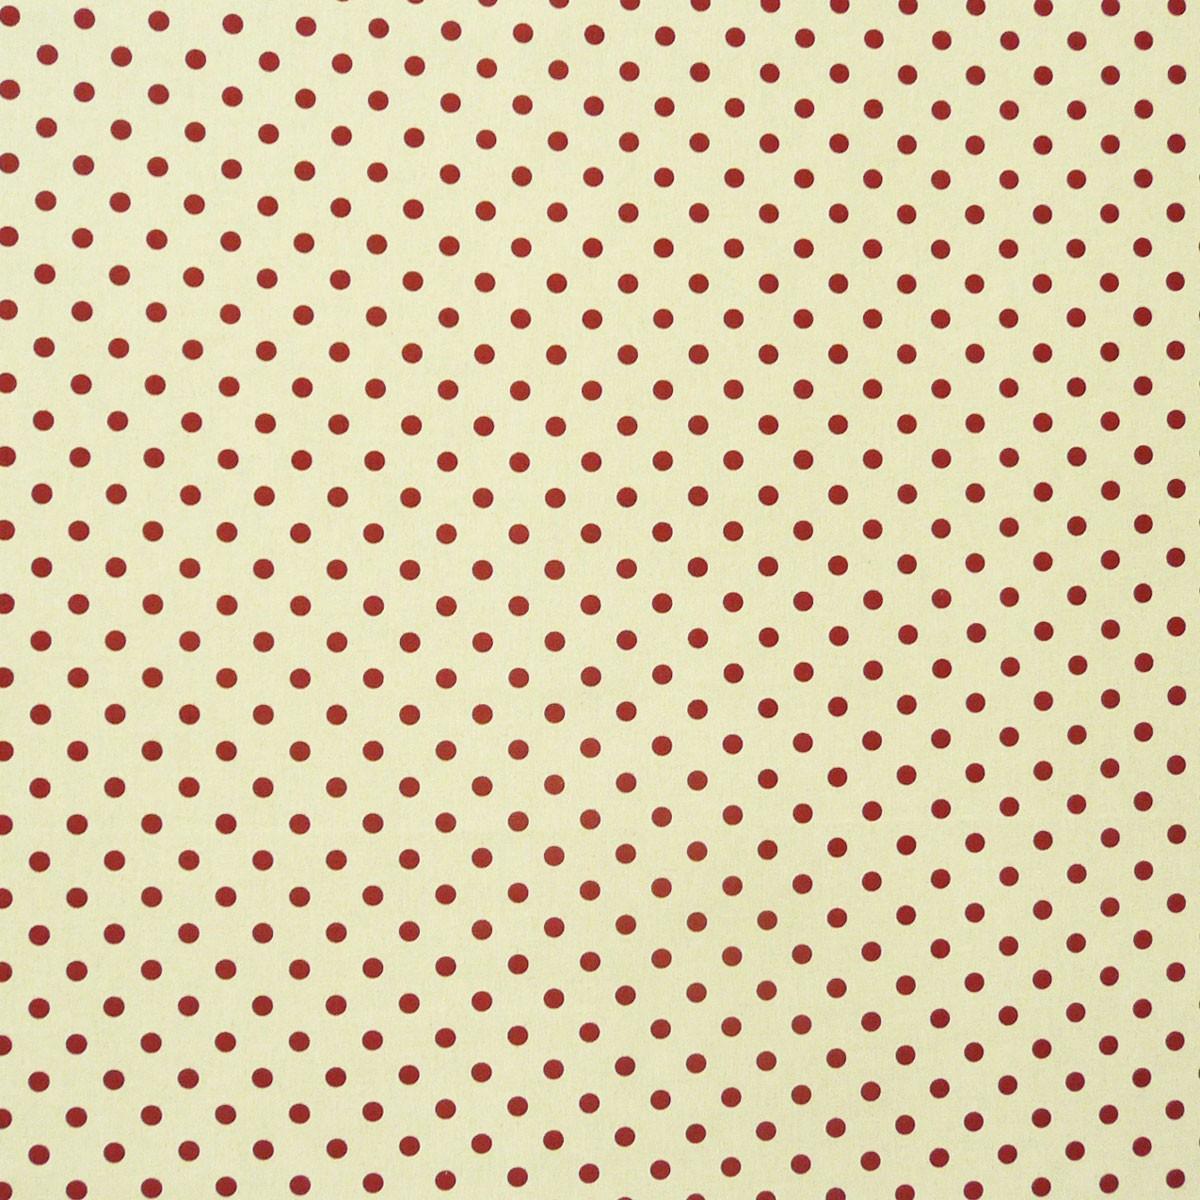 Dekostoff Punkte rot Gardinenstoff 2,80m breit